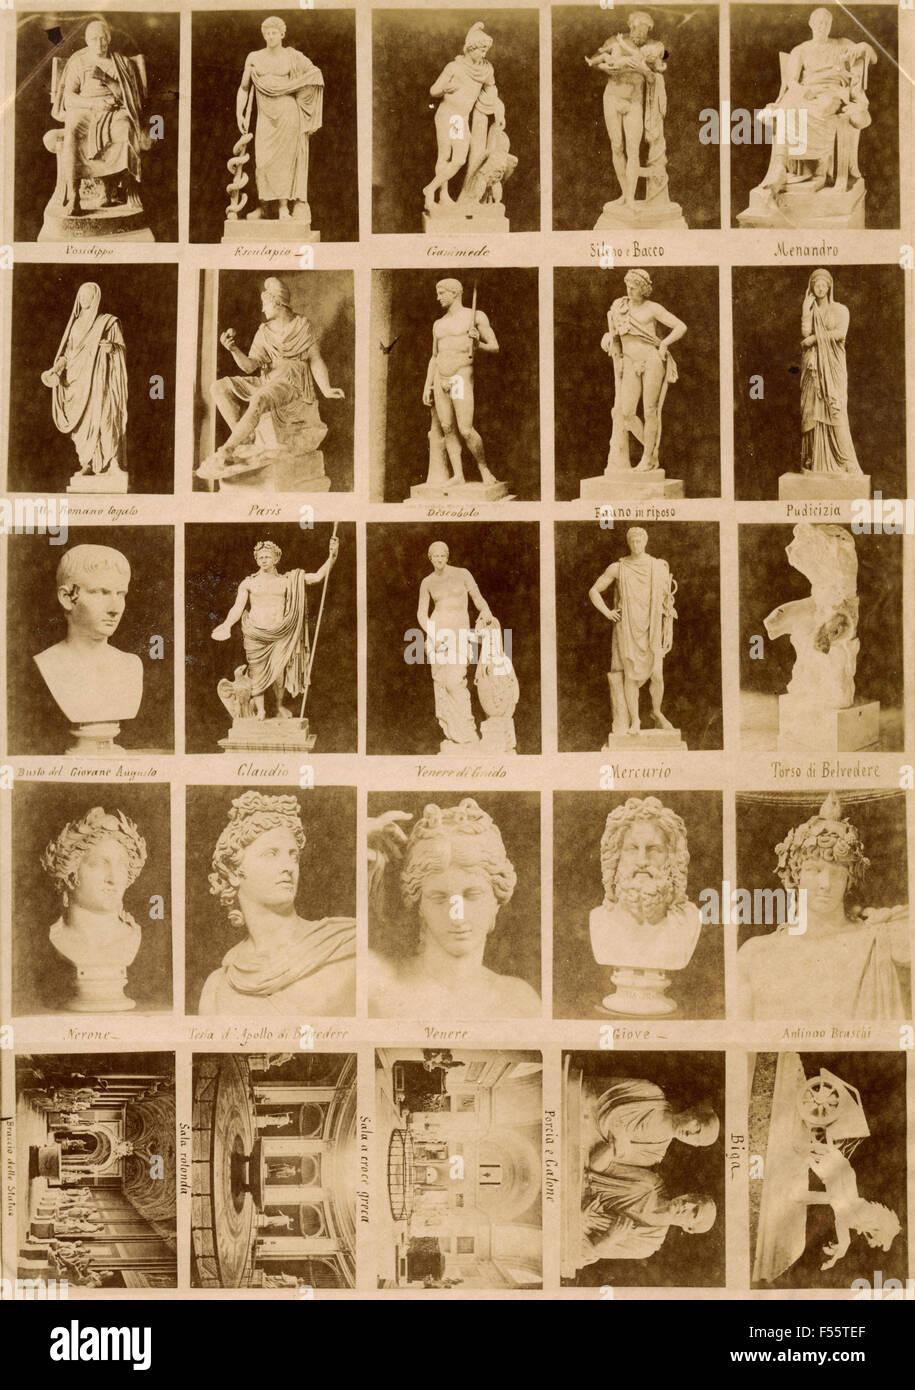 Musei Vaticani: immagini pubblicitarie Immagini Stock